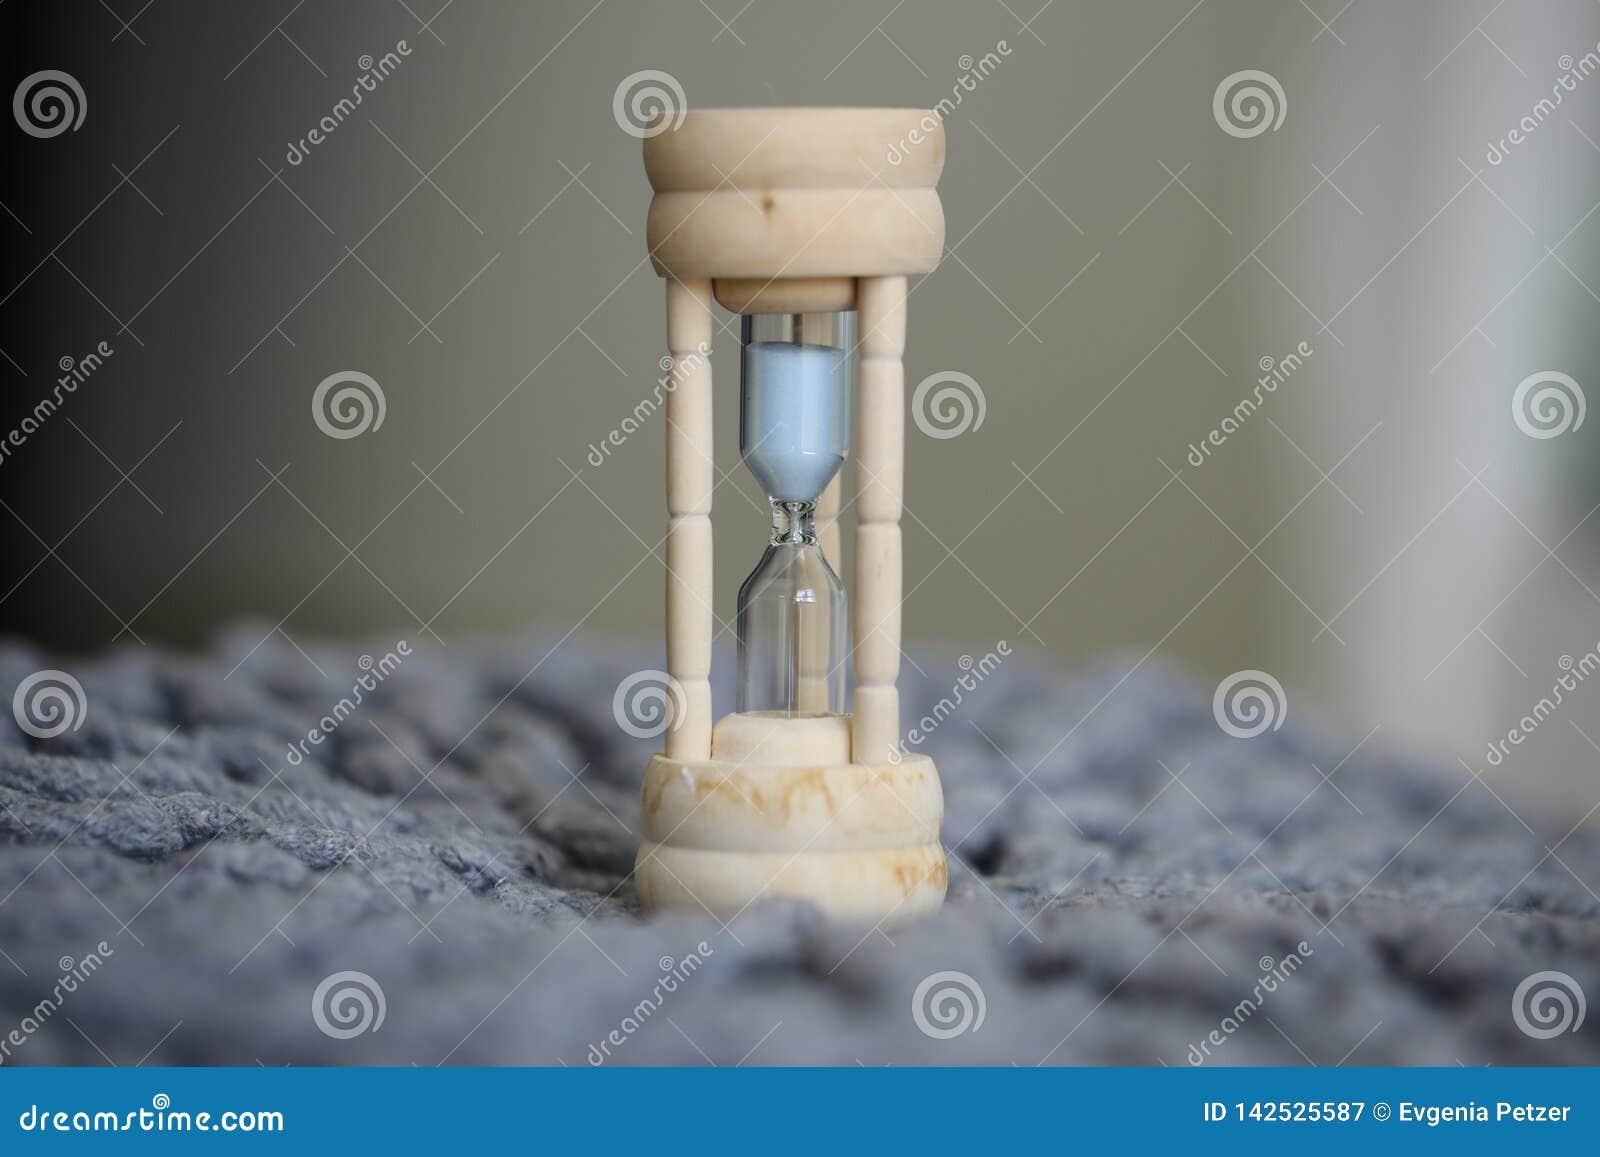 Reloj de arena en casa, concepto de planeamiento del tiempo eficaz